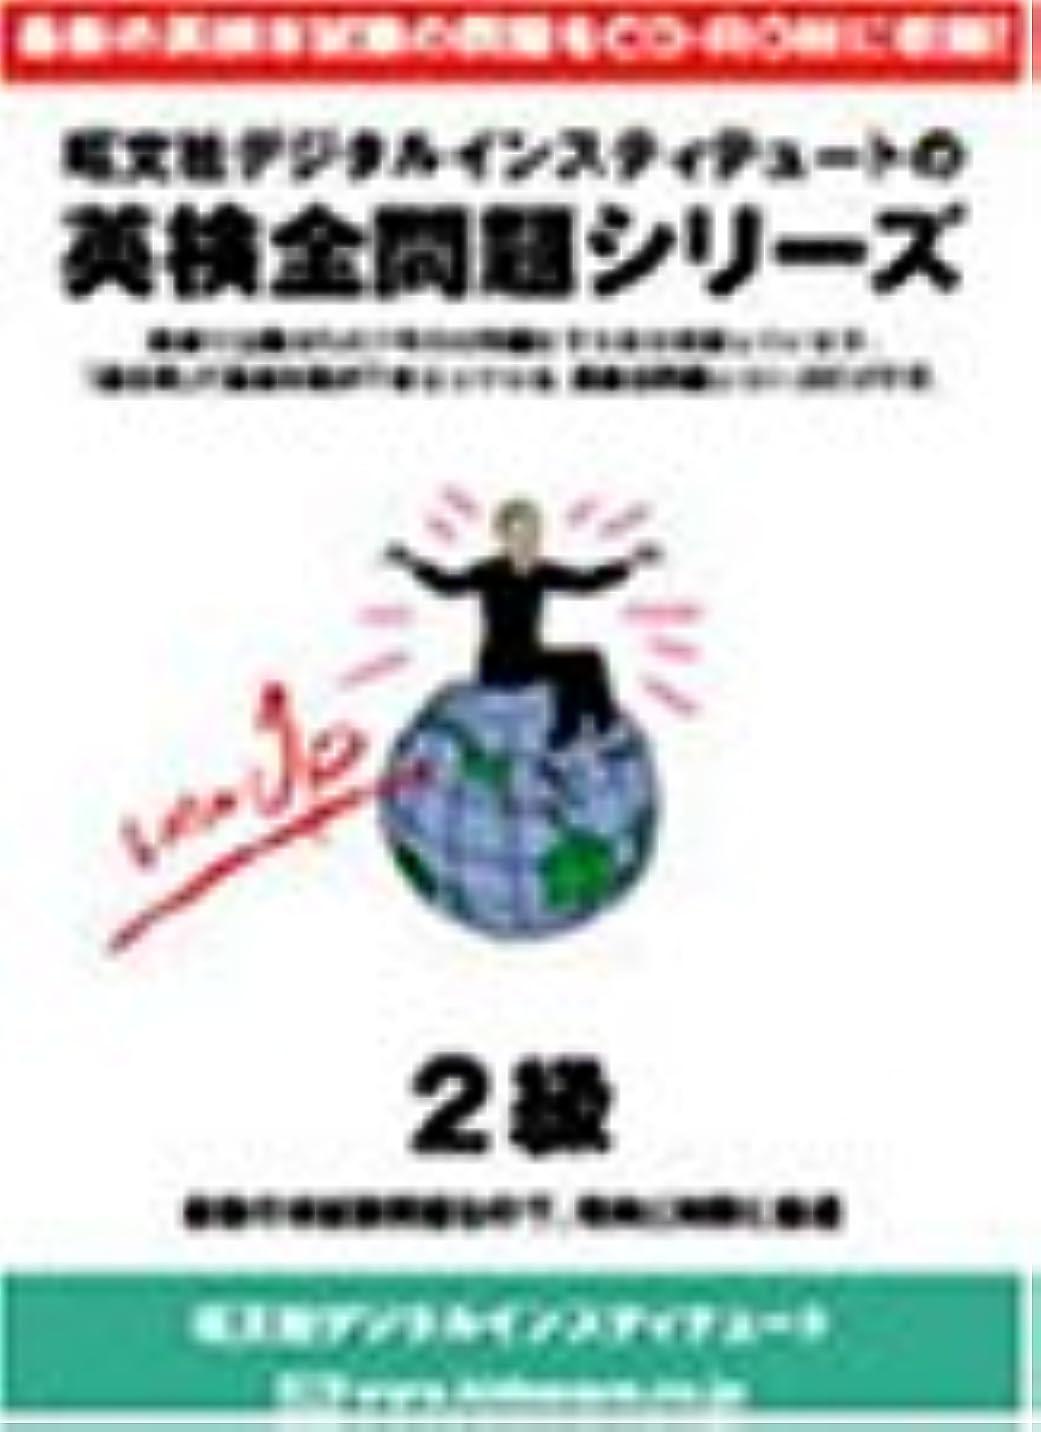 ギャップ習字確立英検全問題シリーズ 2004年版 2級 CD-ROM版